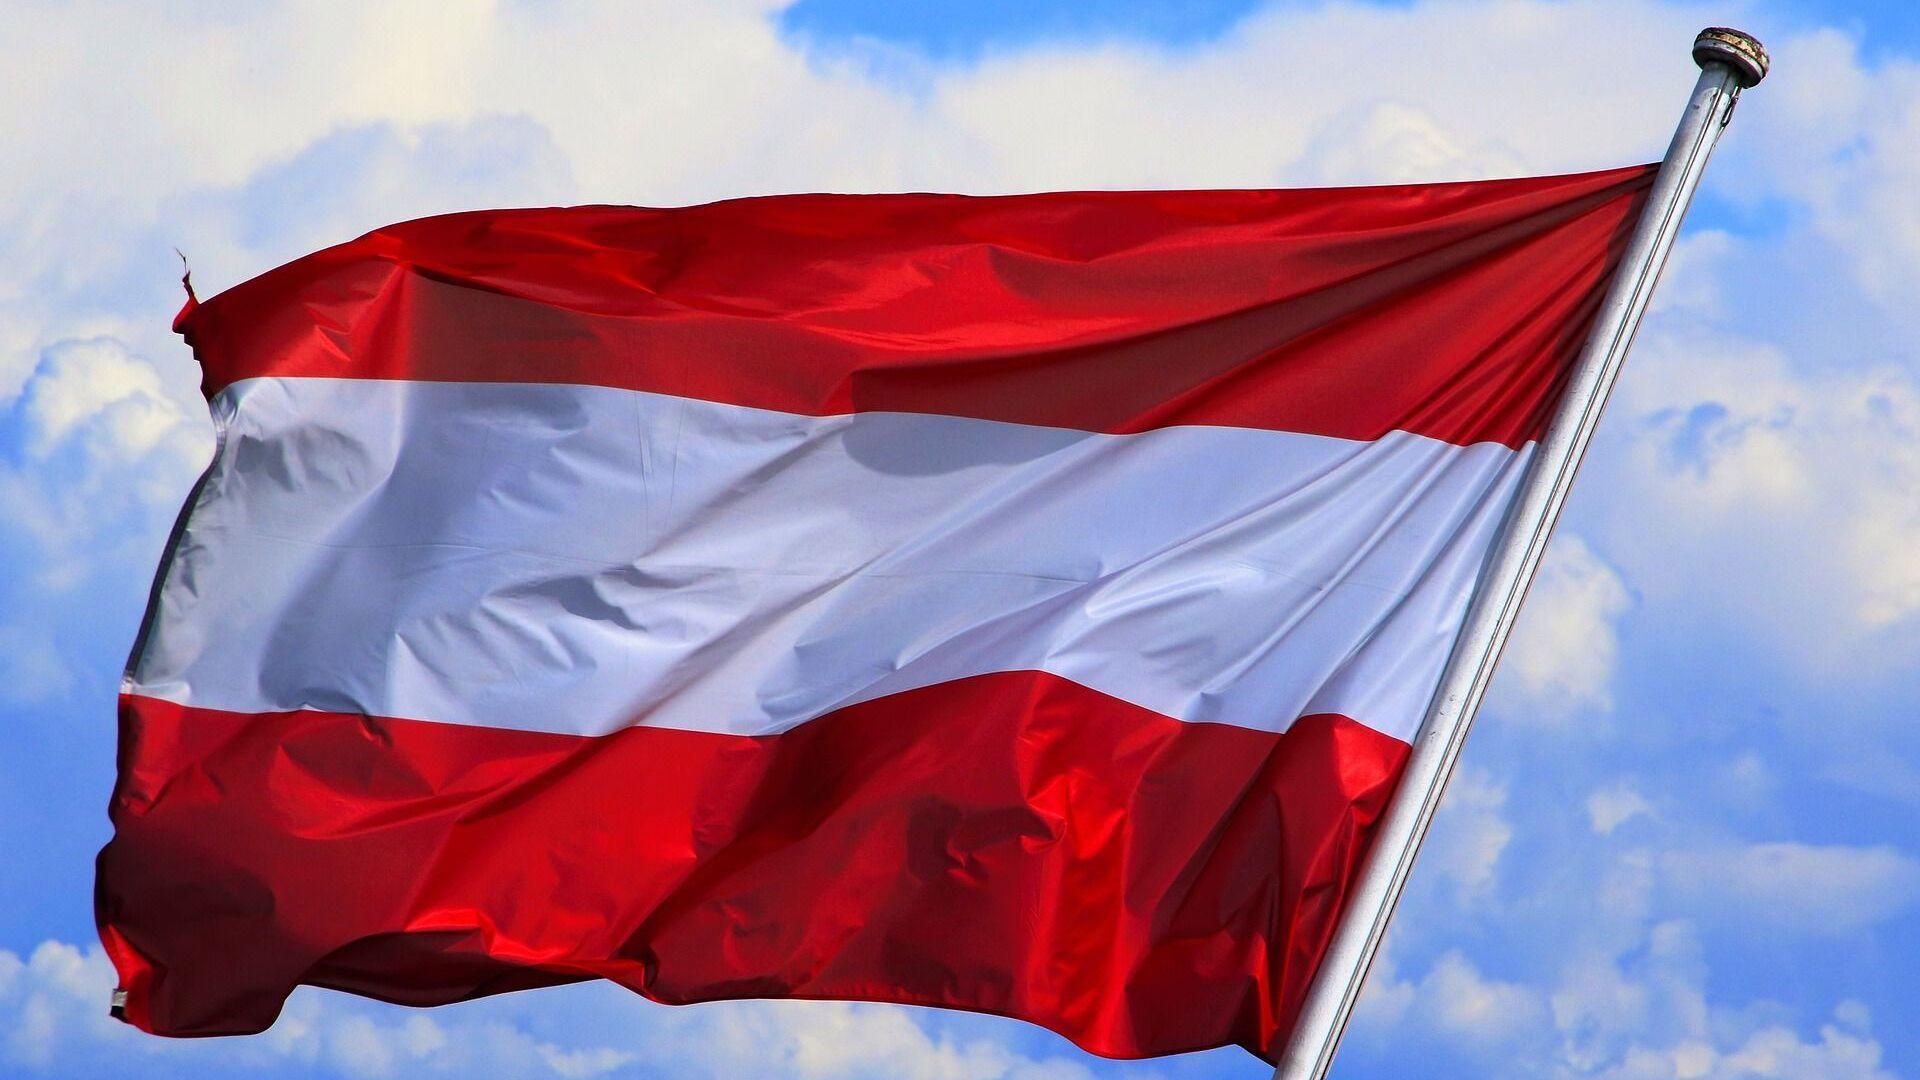 La bandera de Austria - Sputnik Mundo, 1920, 04.08.2021